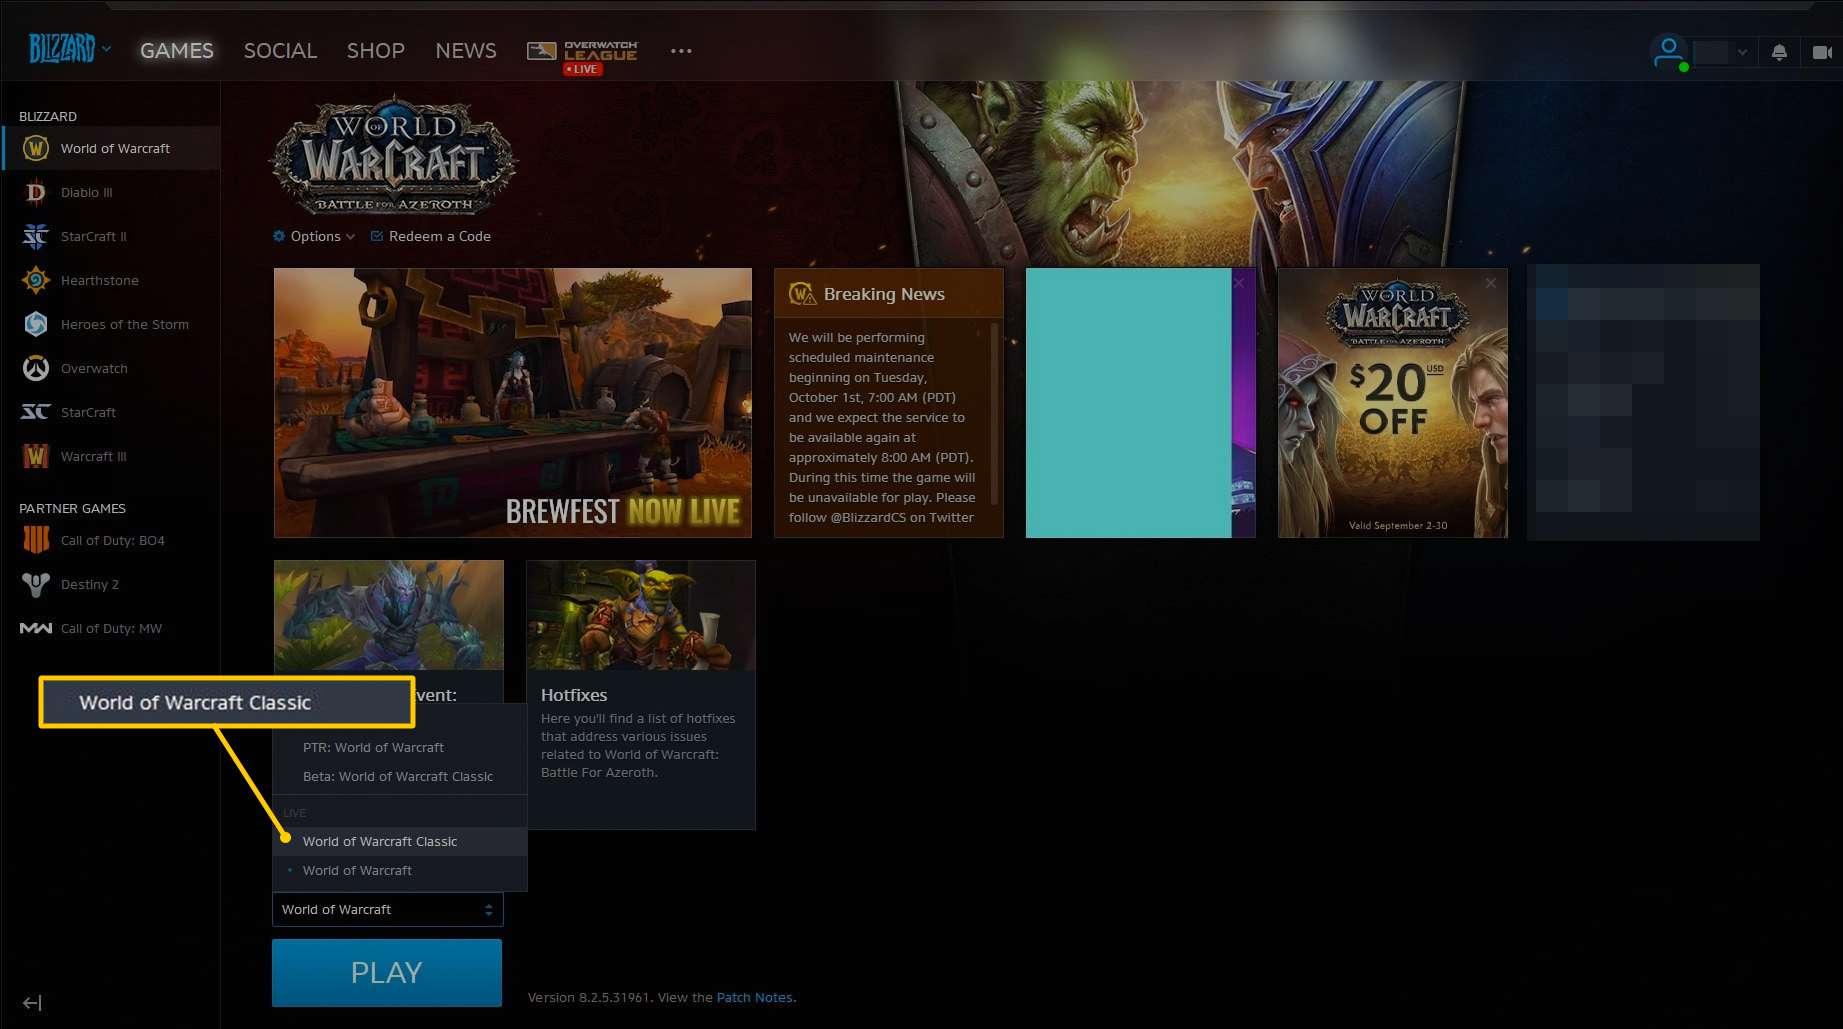 World of Warcraft Classic menu option